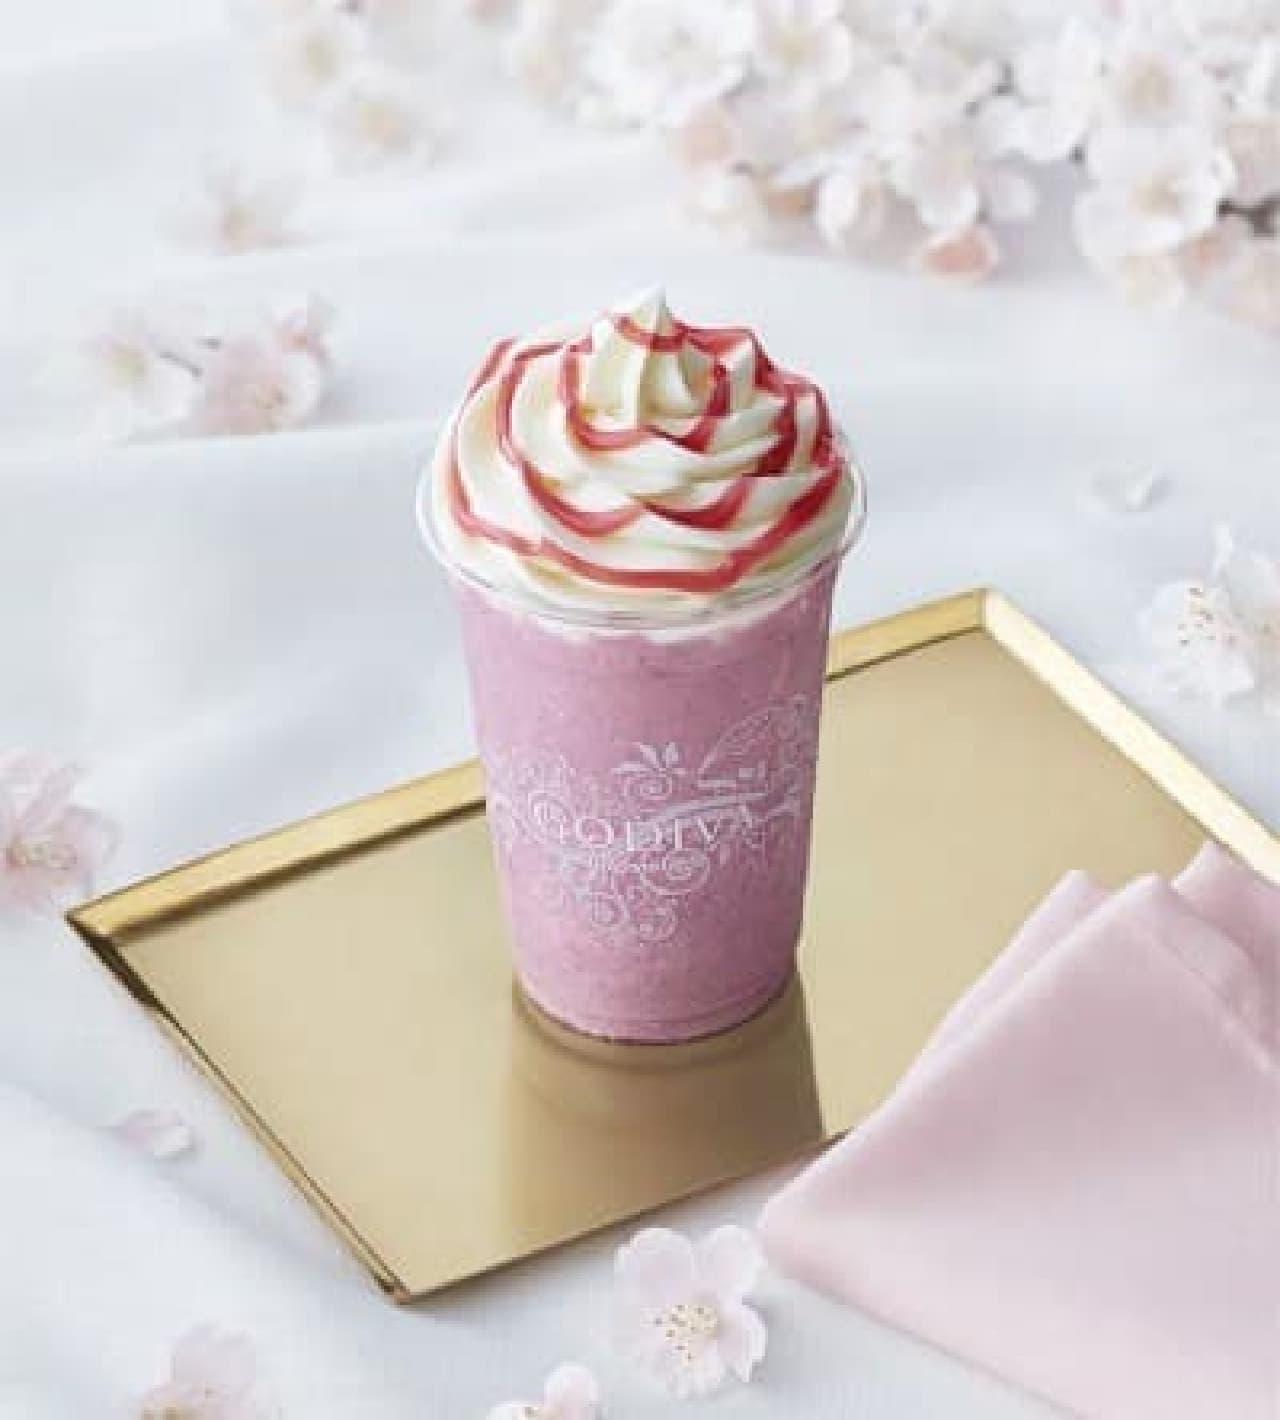 ゴディバ「ショコリキサー ホワイトチョコレート さくら」